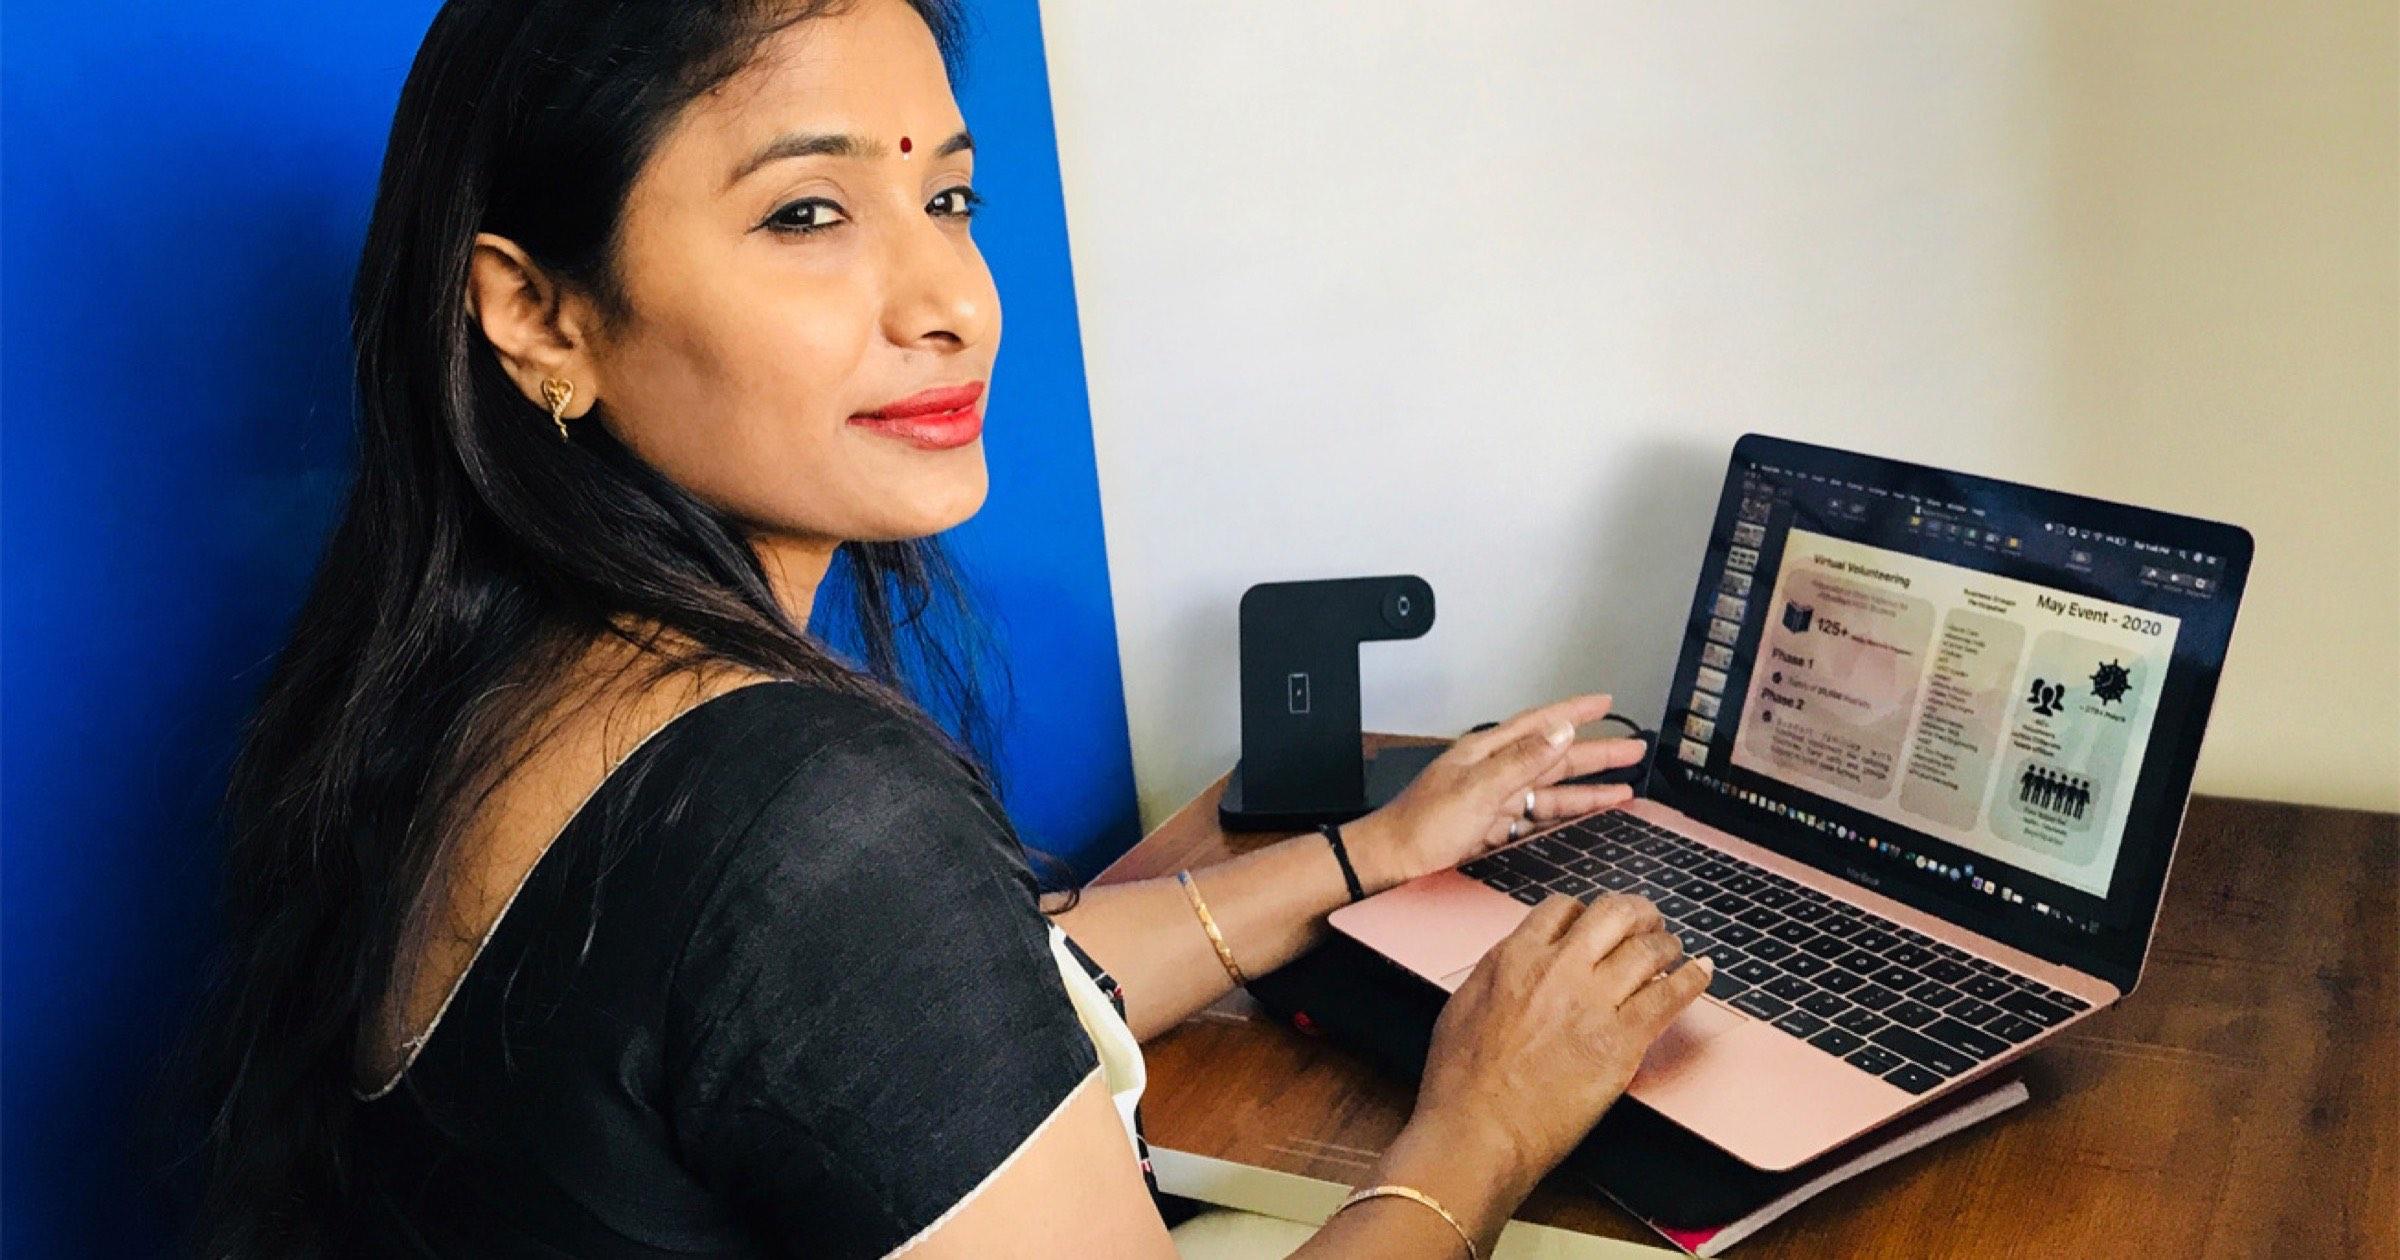 Apple employee Chandrika Raghunath